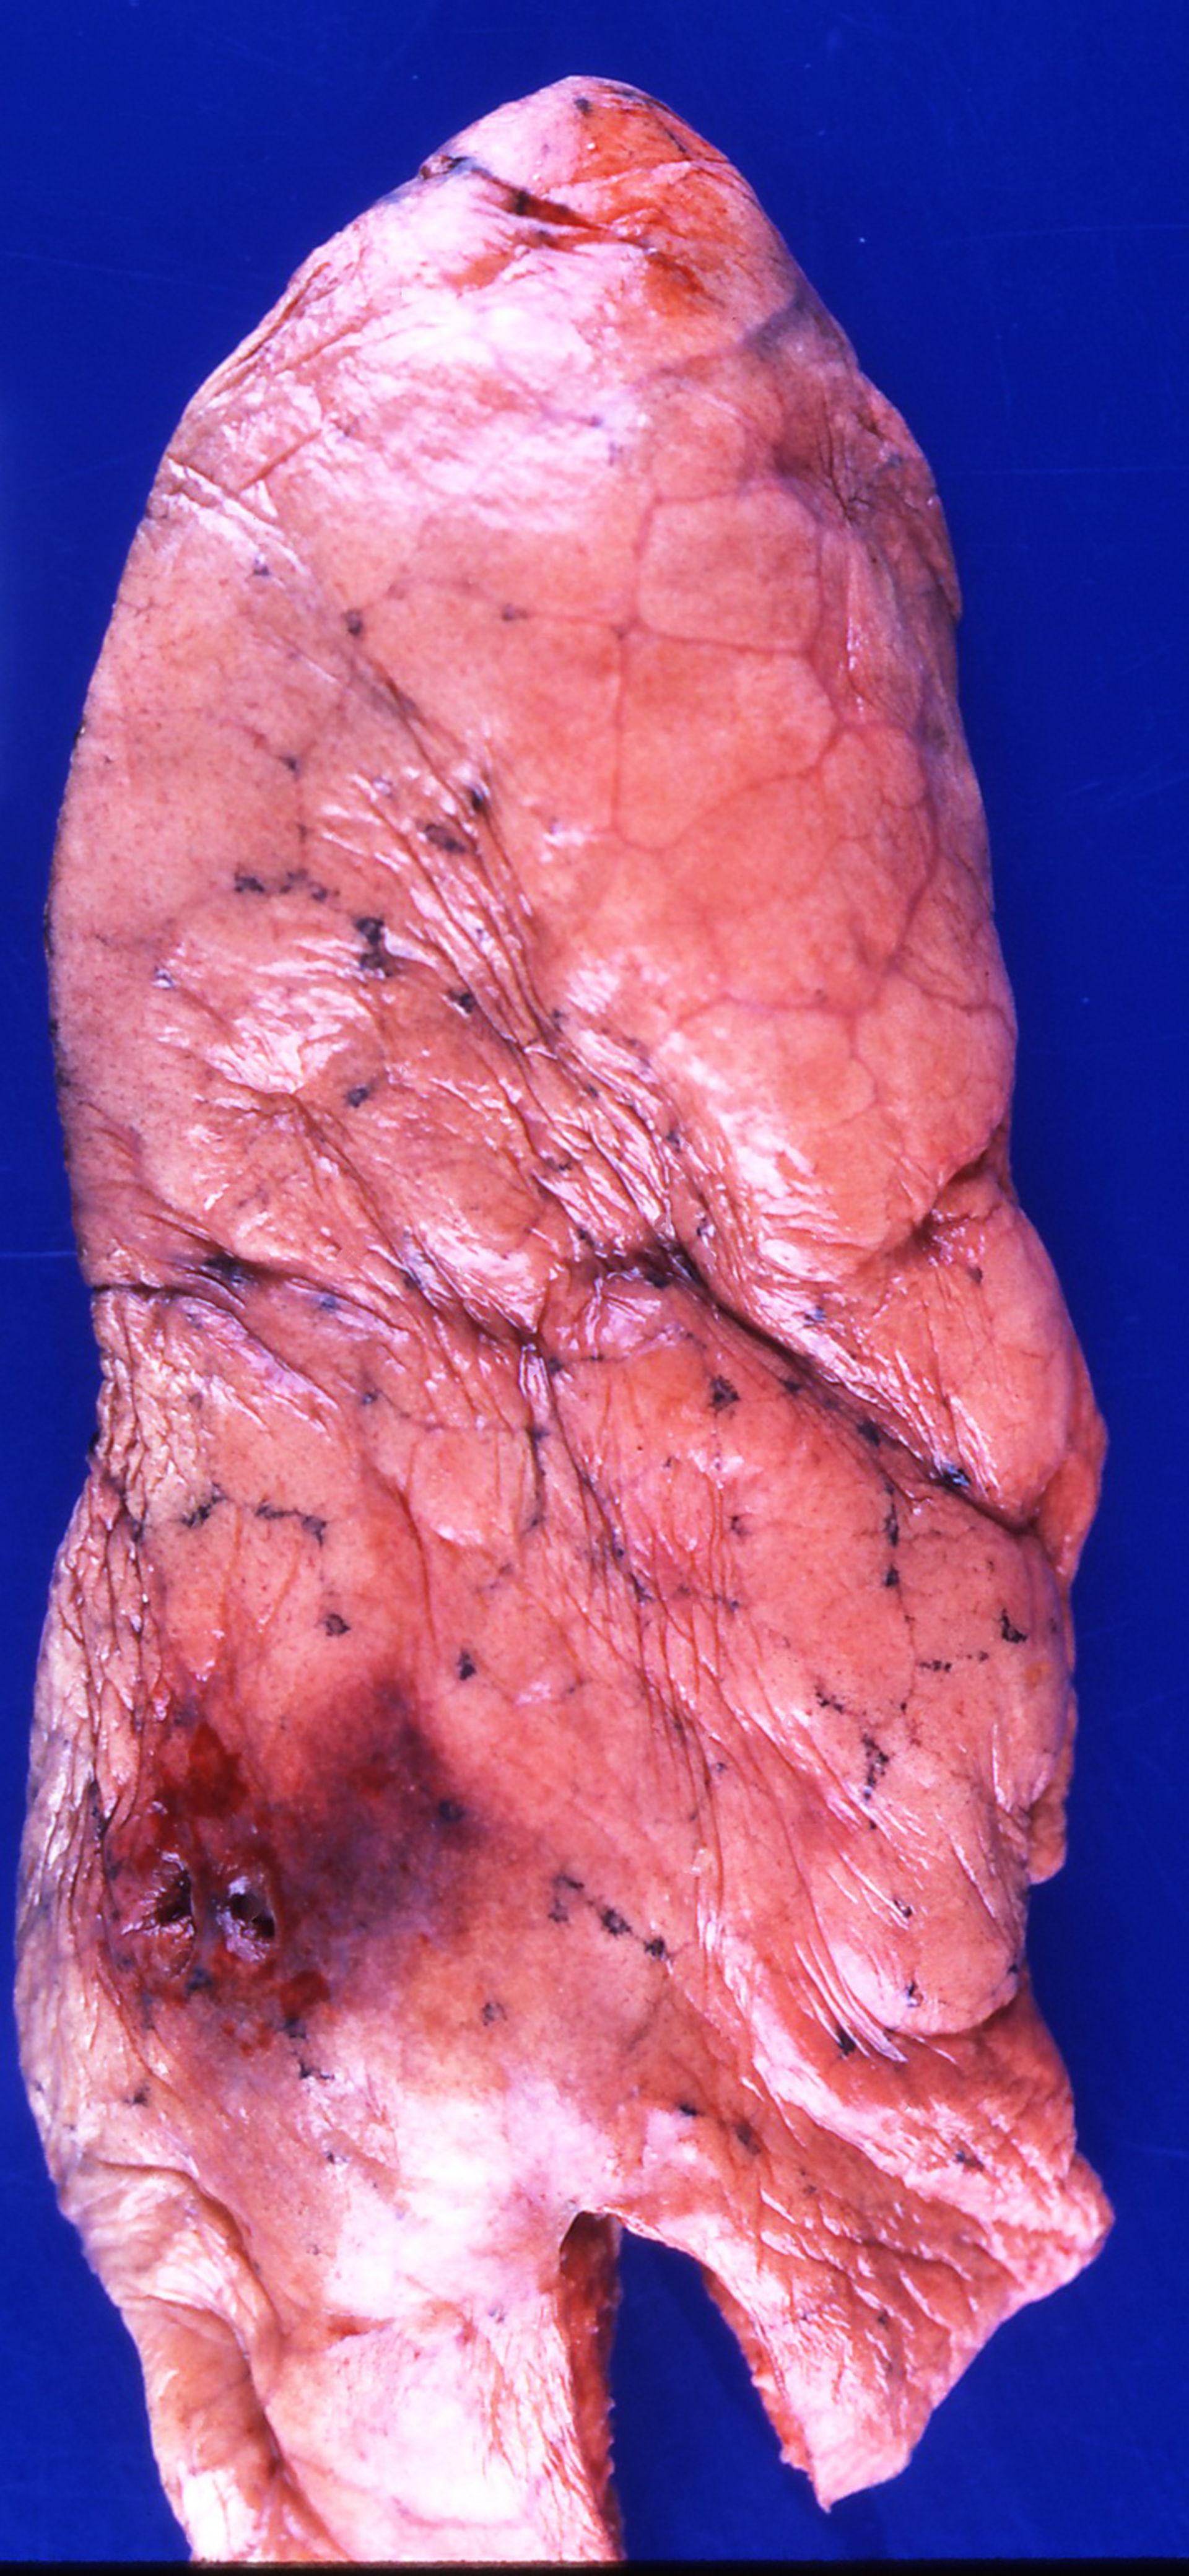 Specimen: lung, status asthmaticus